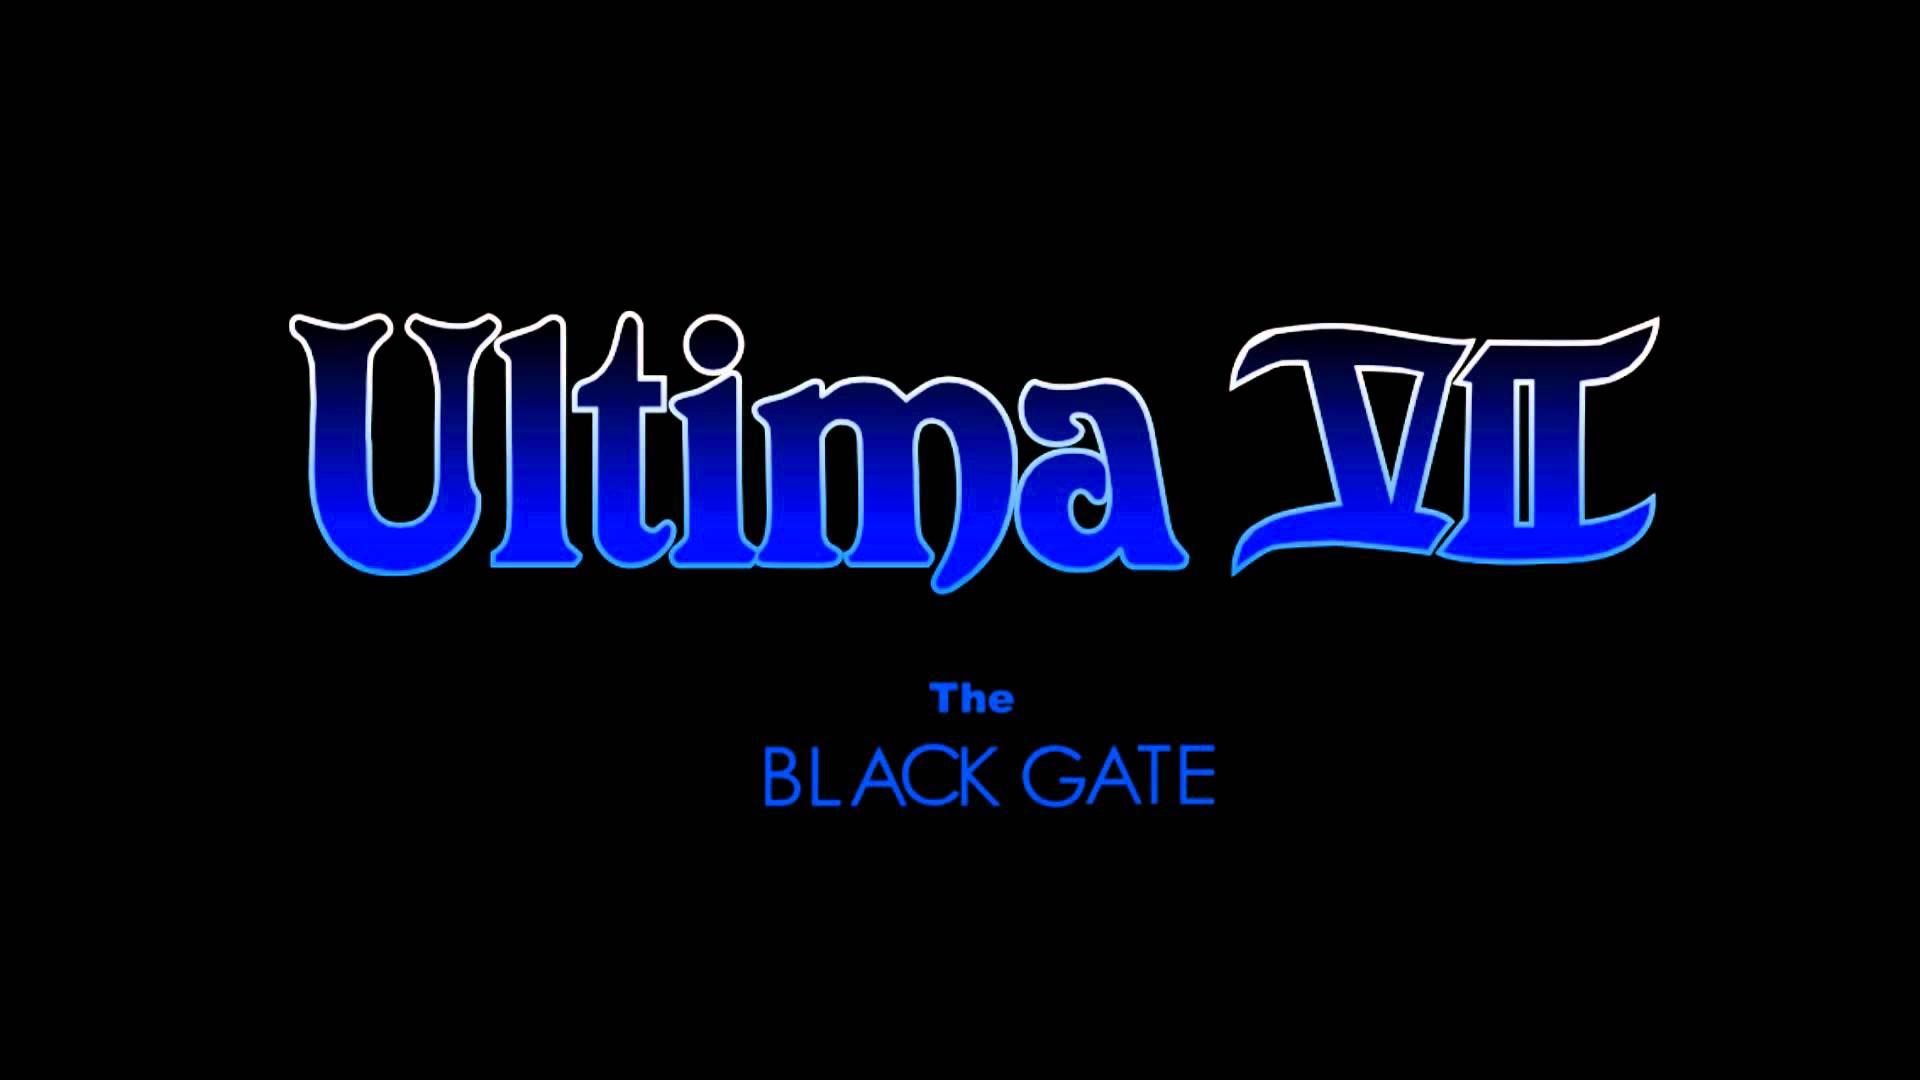 울티마 7: 블랙게이트... 또 하나의 명작